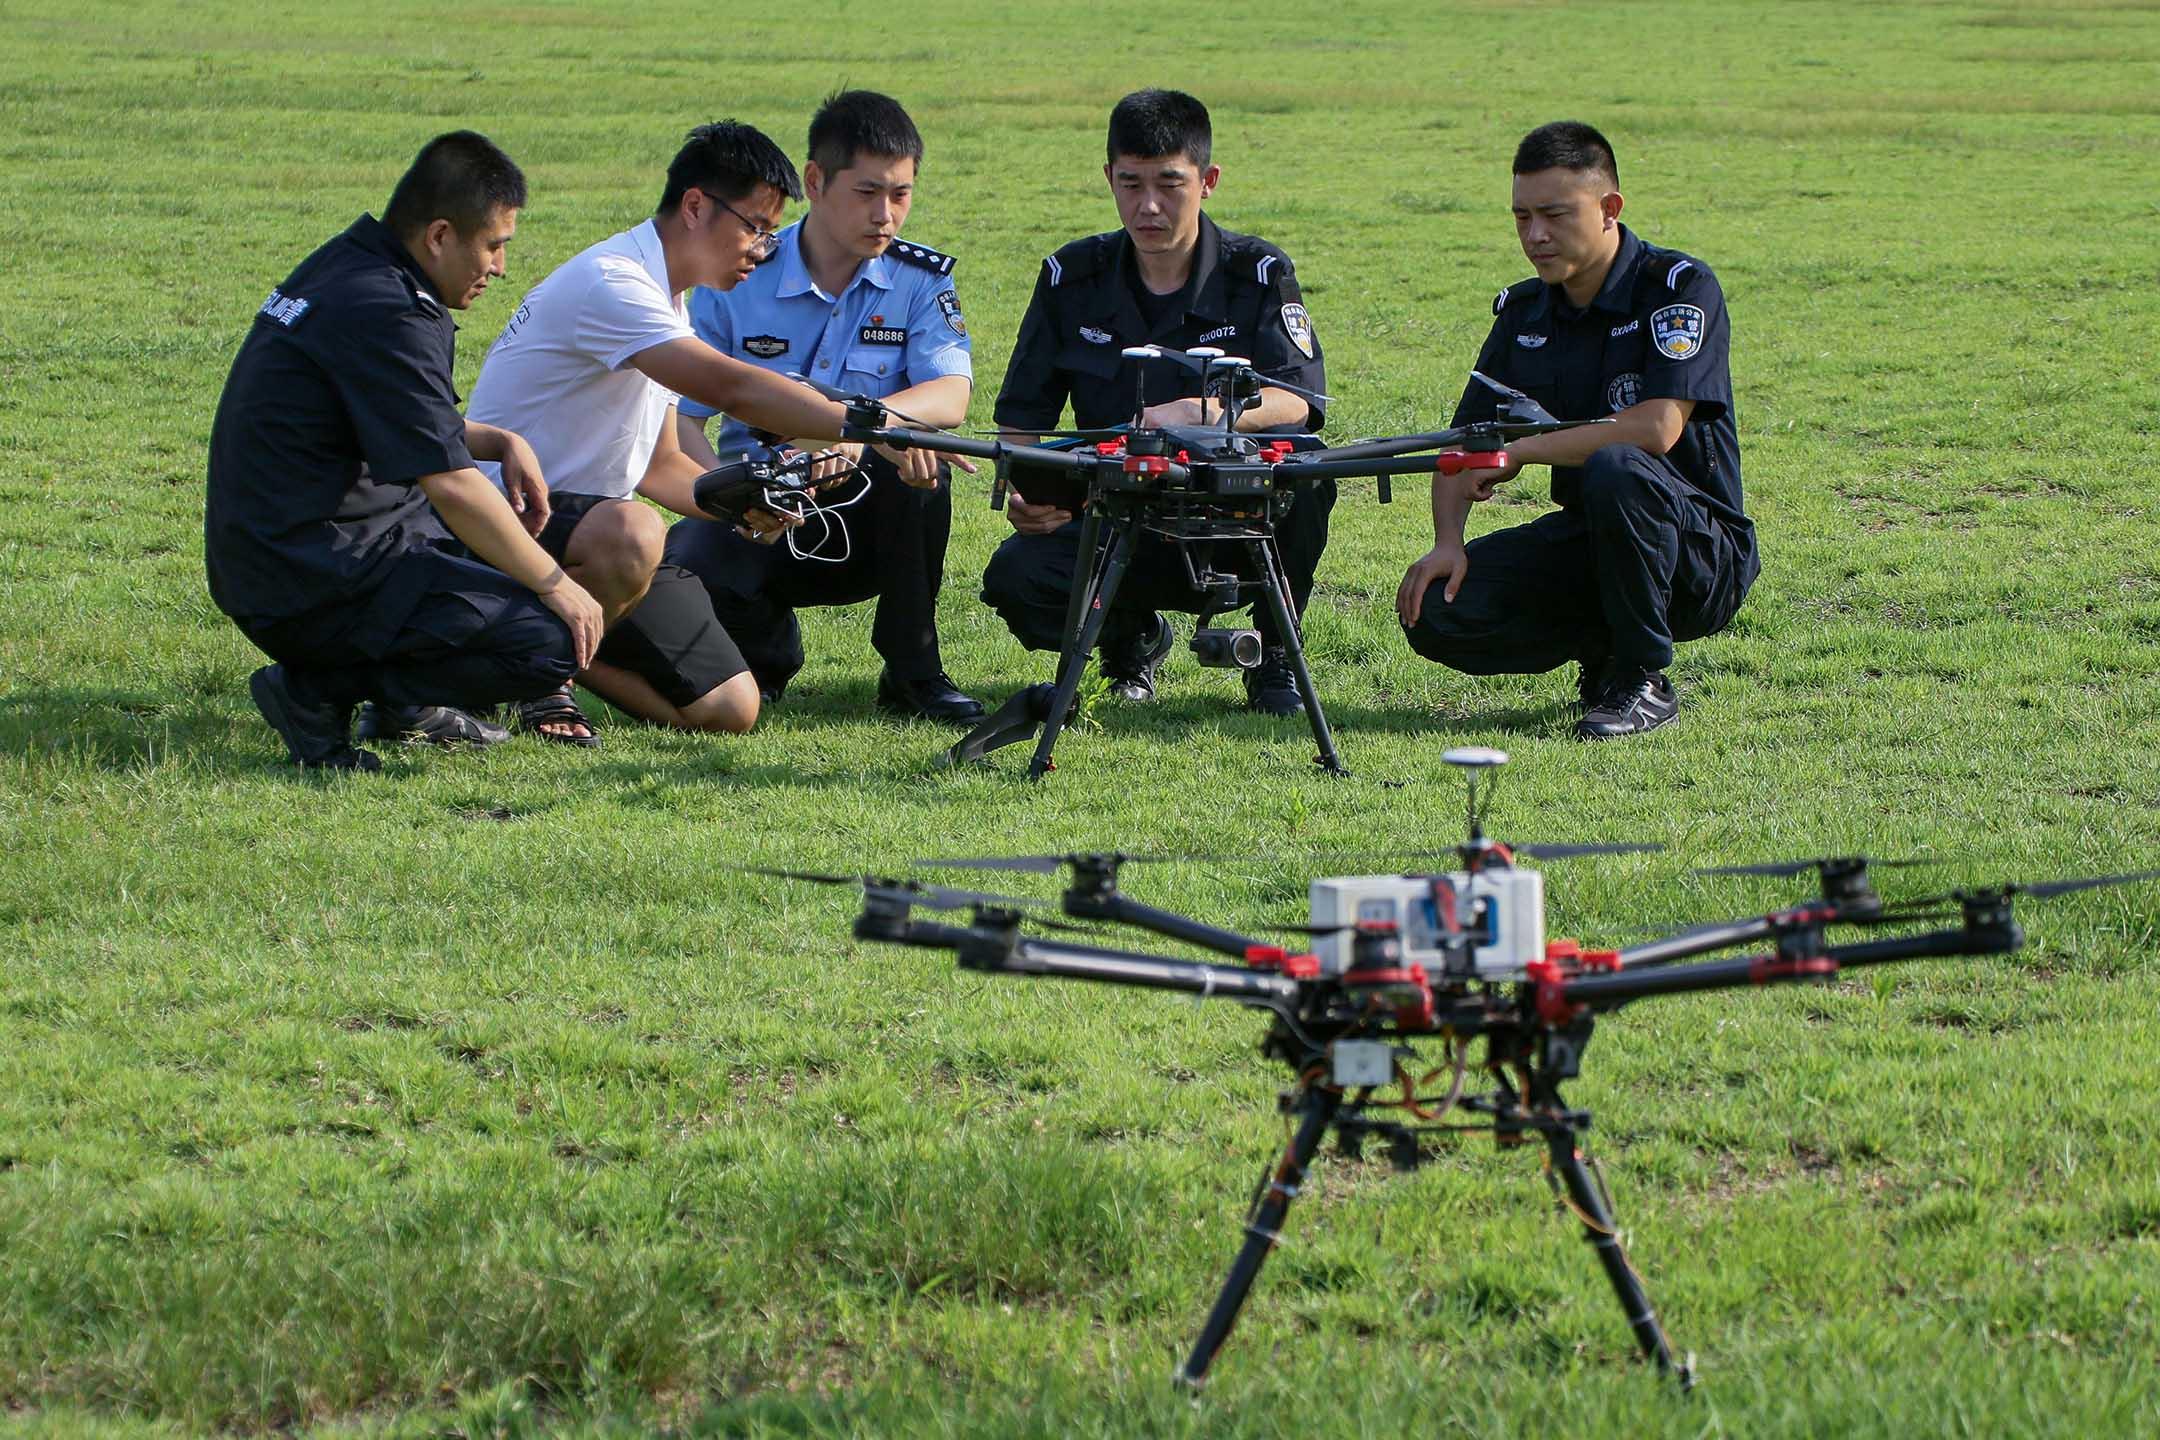 2020年7月21日煙台,警察在進行無人機飛行訓練。